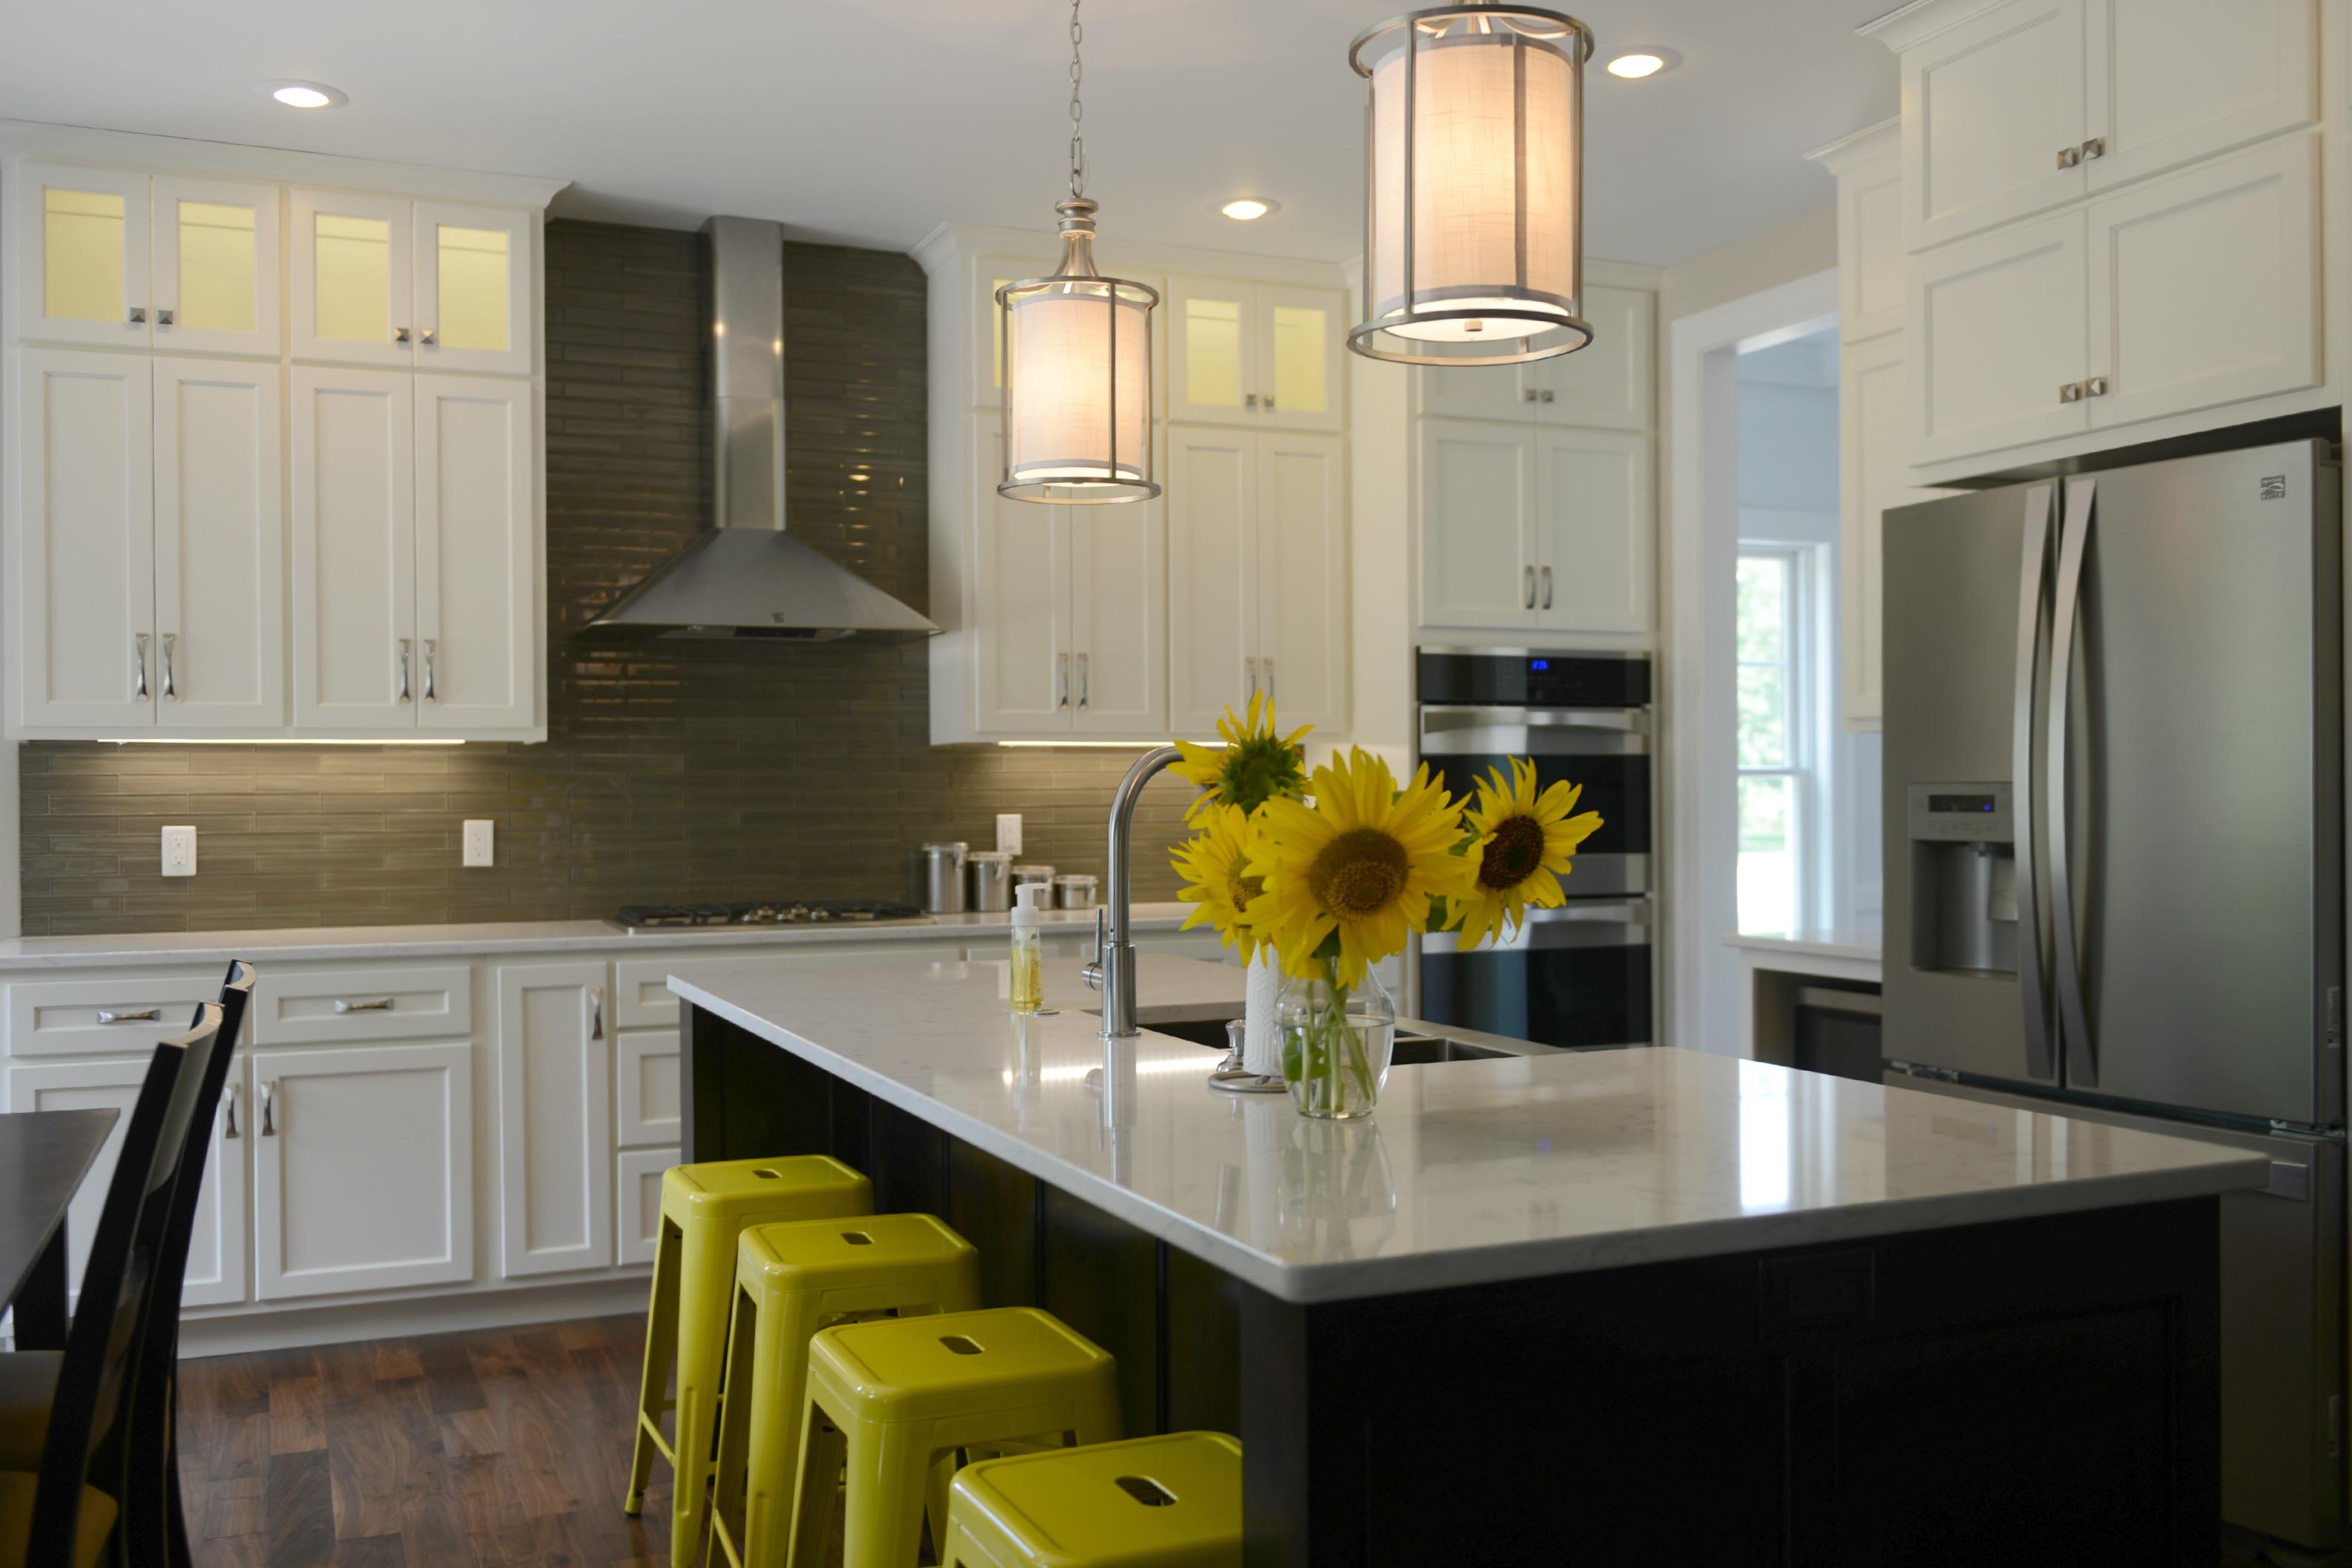 home advisor reports average kitchen remodel costs average kitchen remodel Home Advisor reports average kitchen remodel costs 19